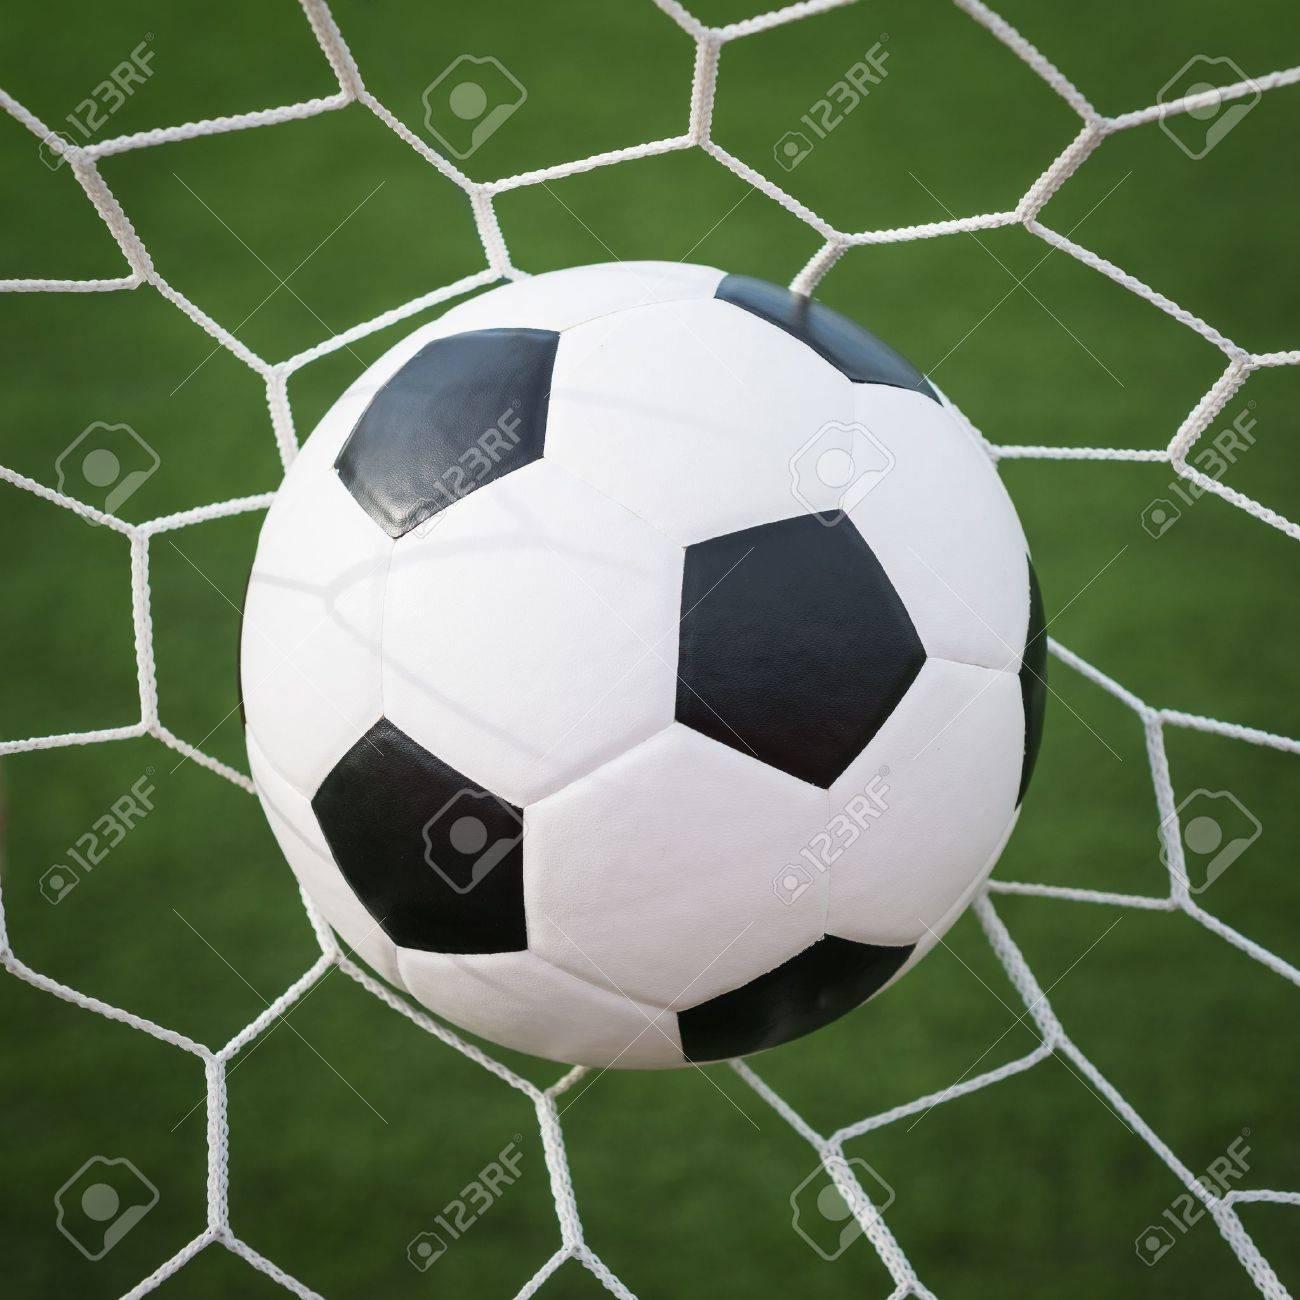 soccer ball in net Stock Photo - 15829026